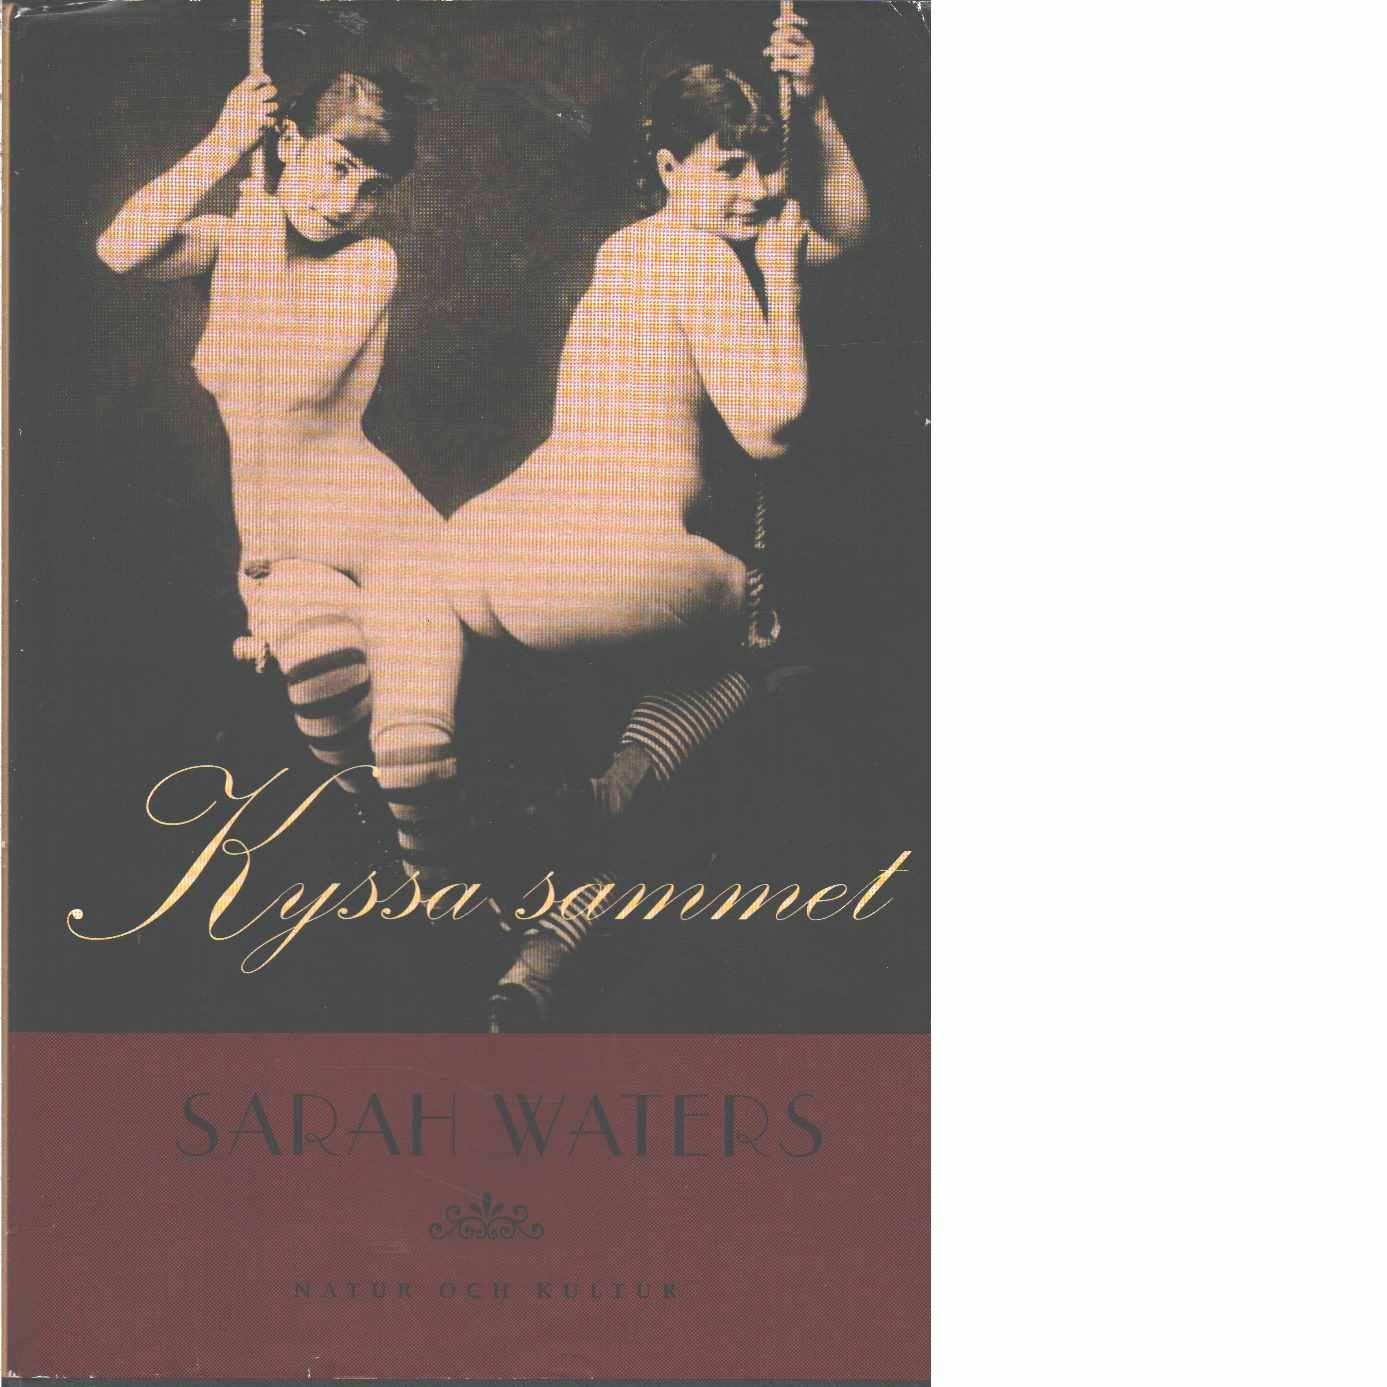 Kyssa sammet - Waters, Sarah